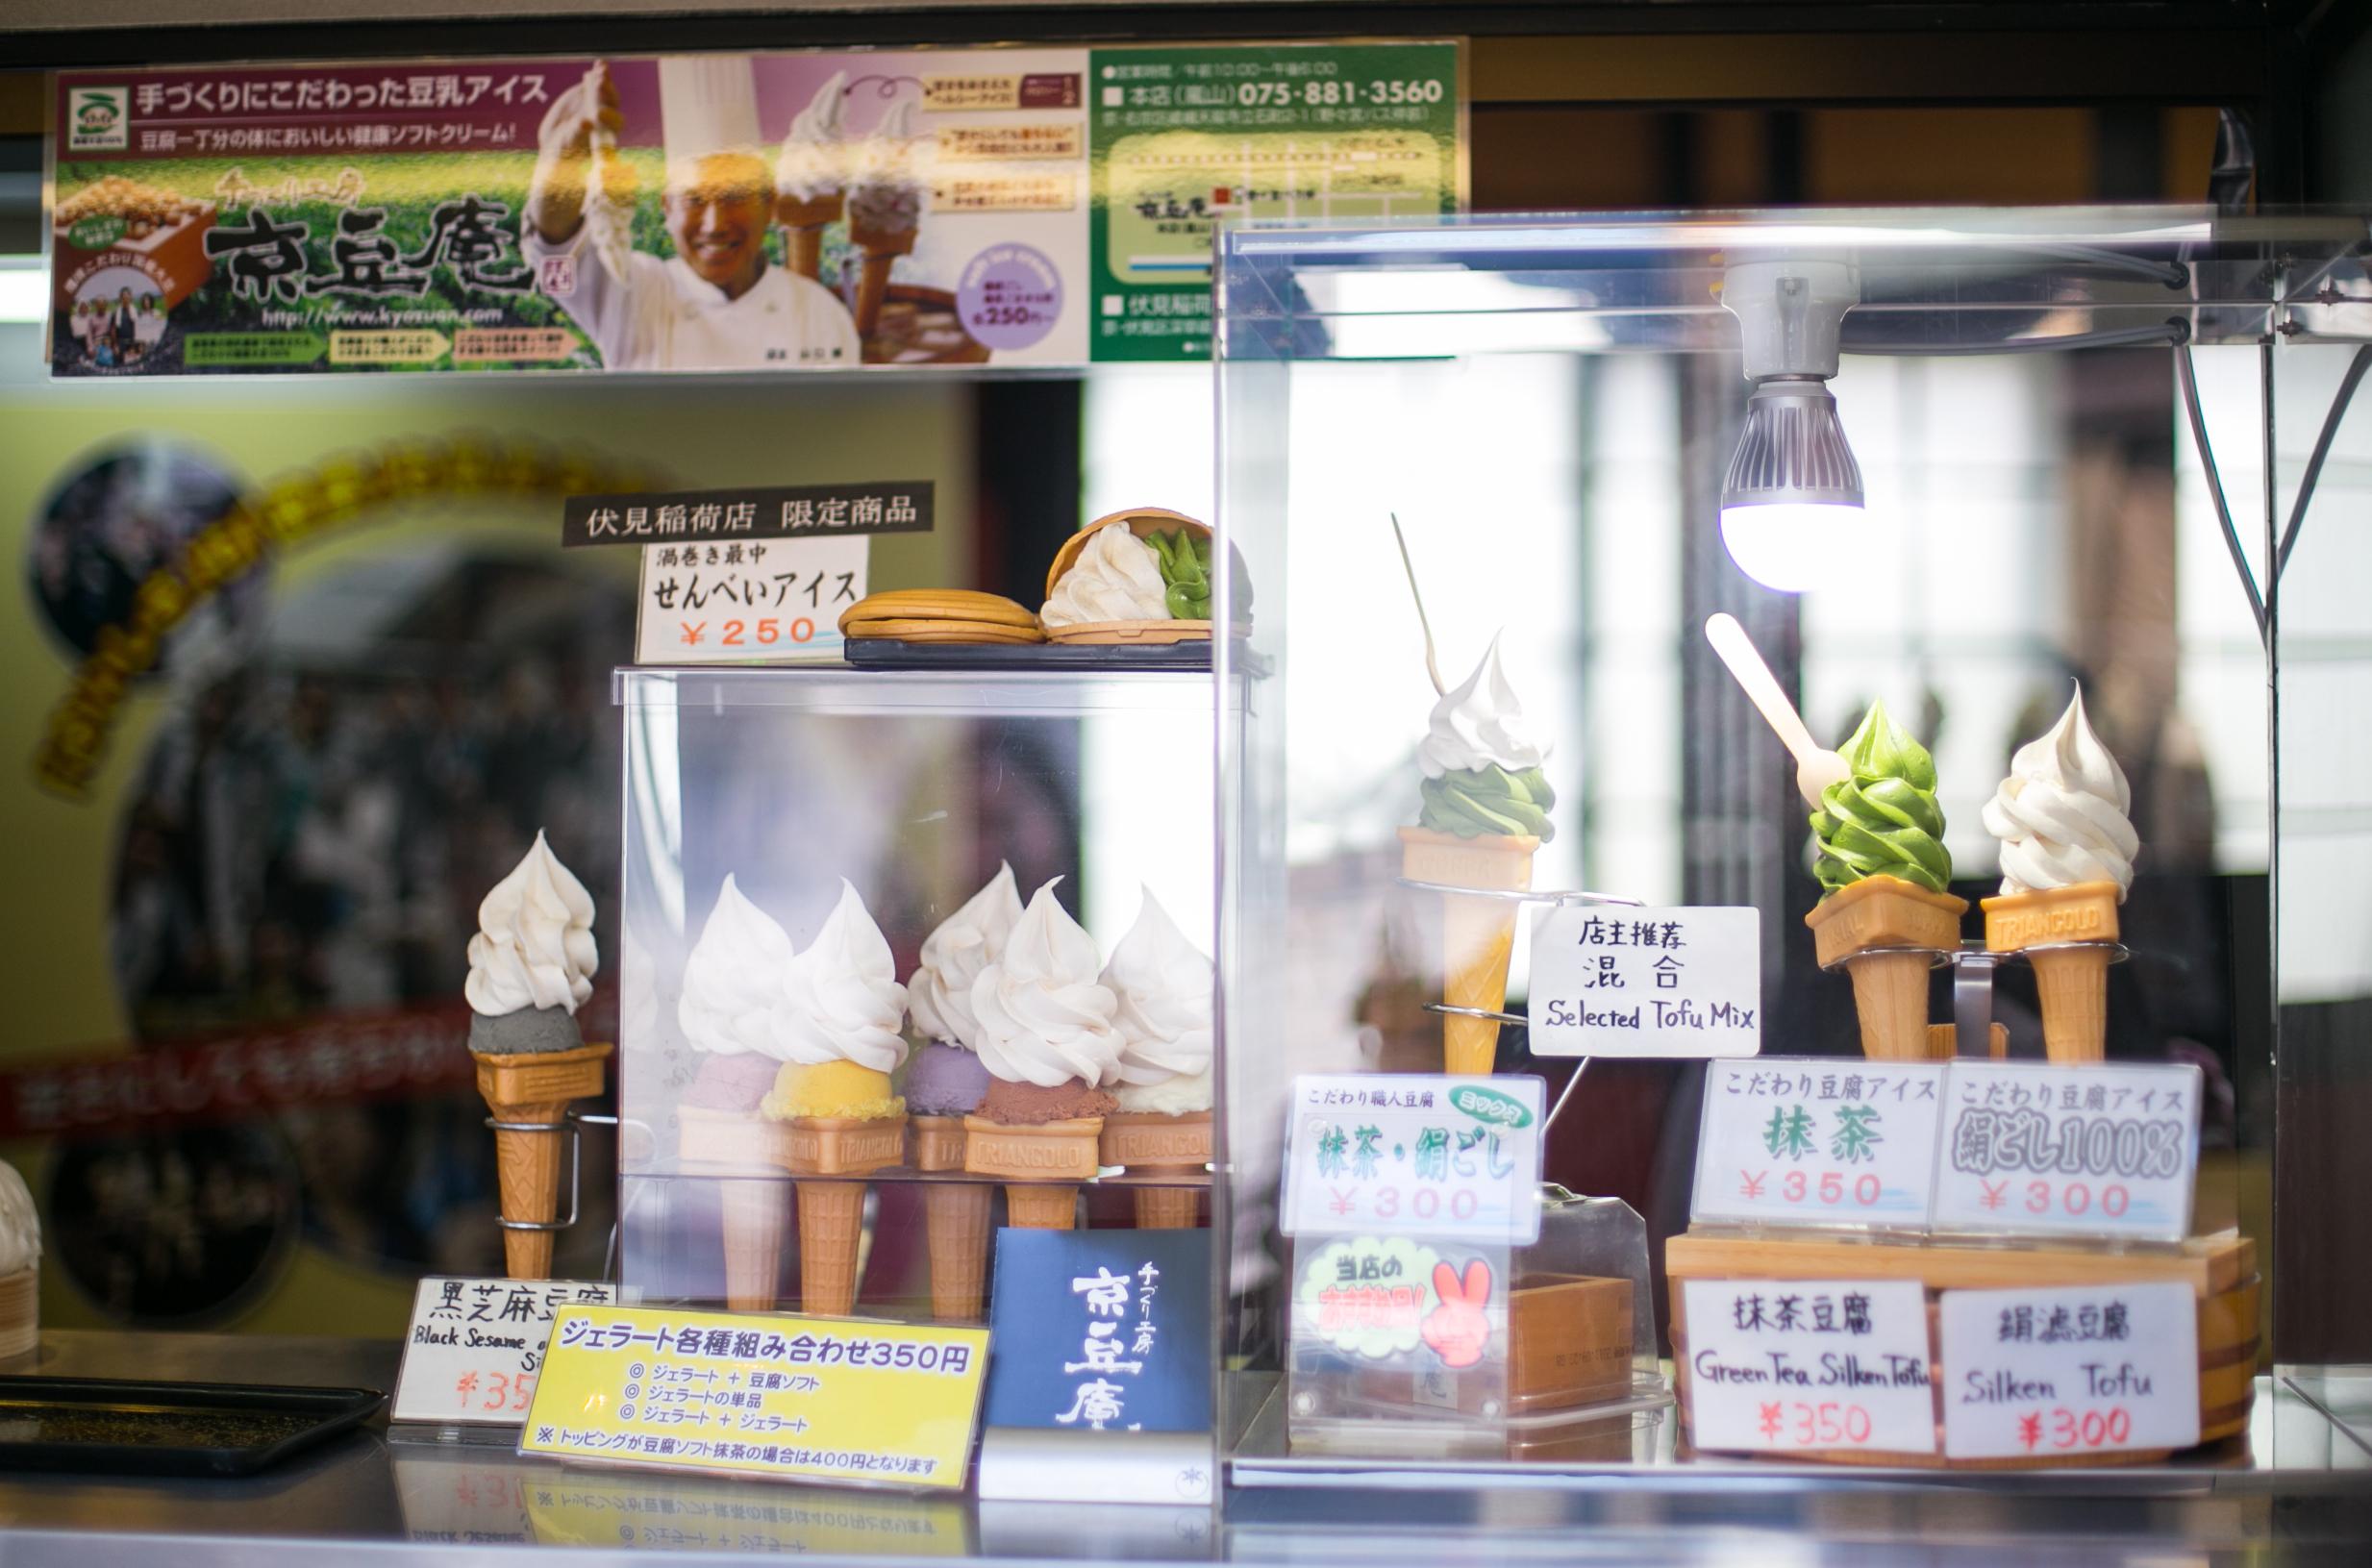 Fushimi Inari Food